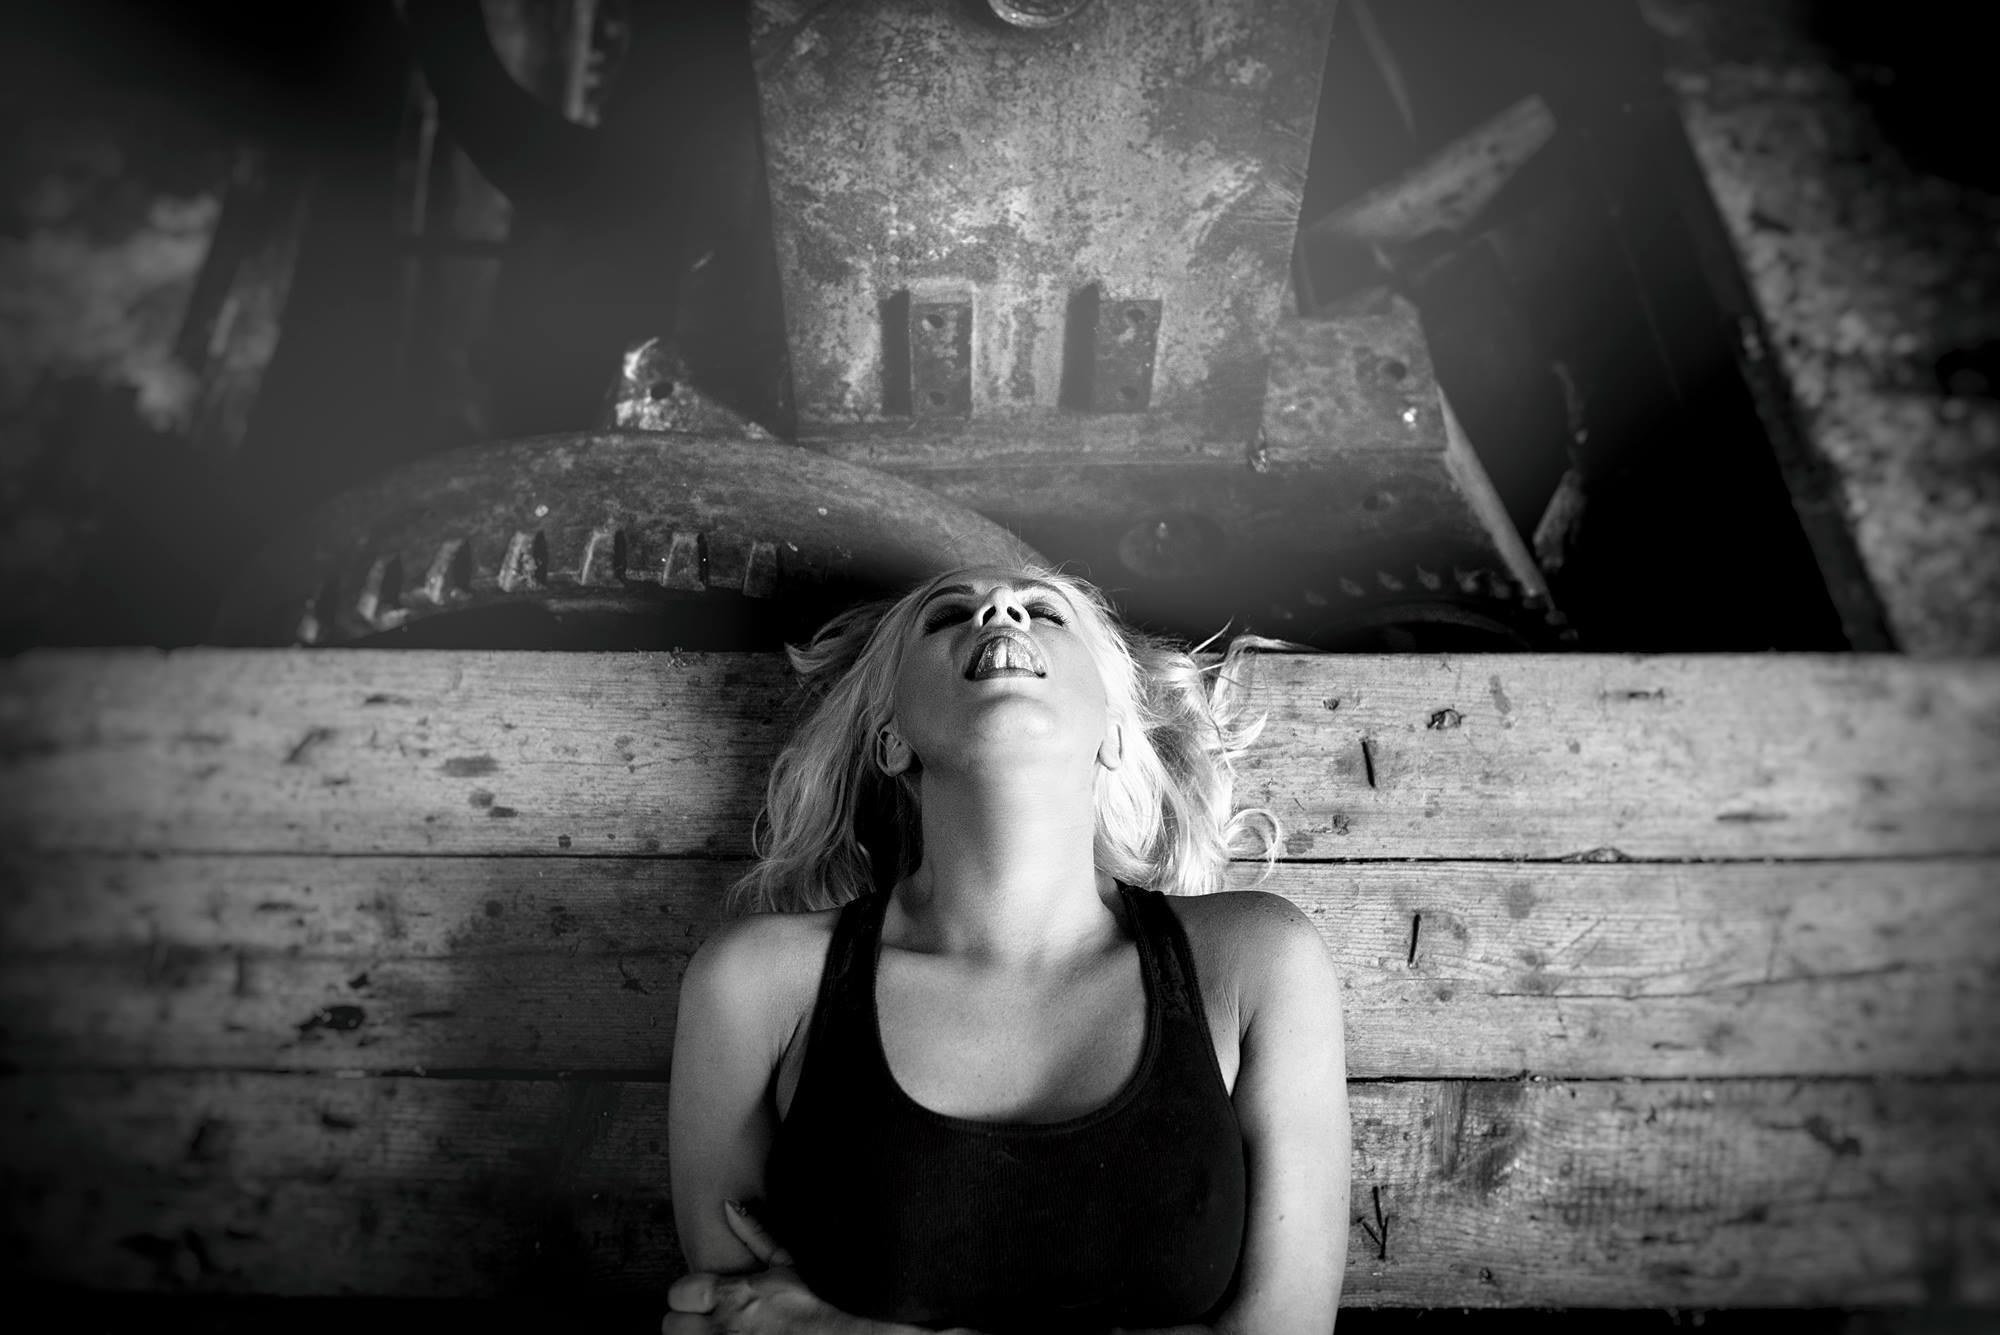 Fotógrafo lituano retrata 15 orgamos  femininos em belo ensaio -